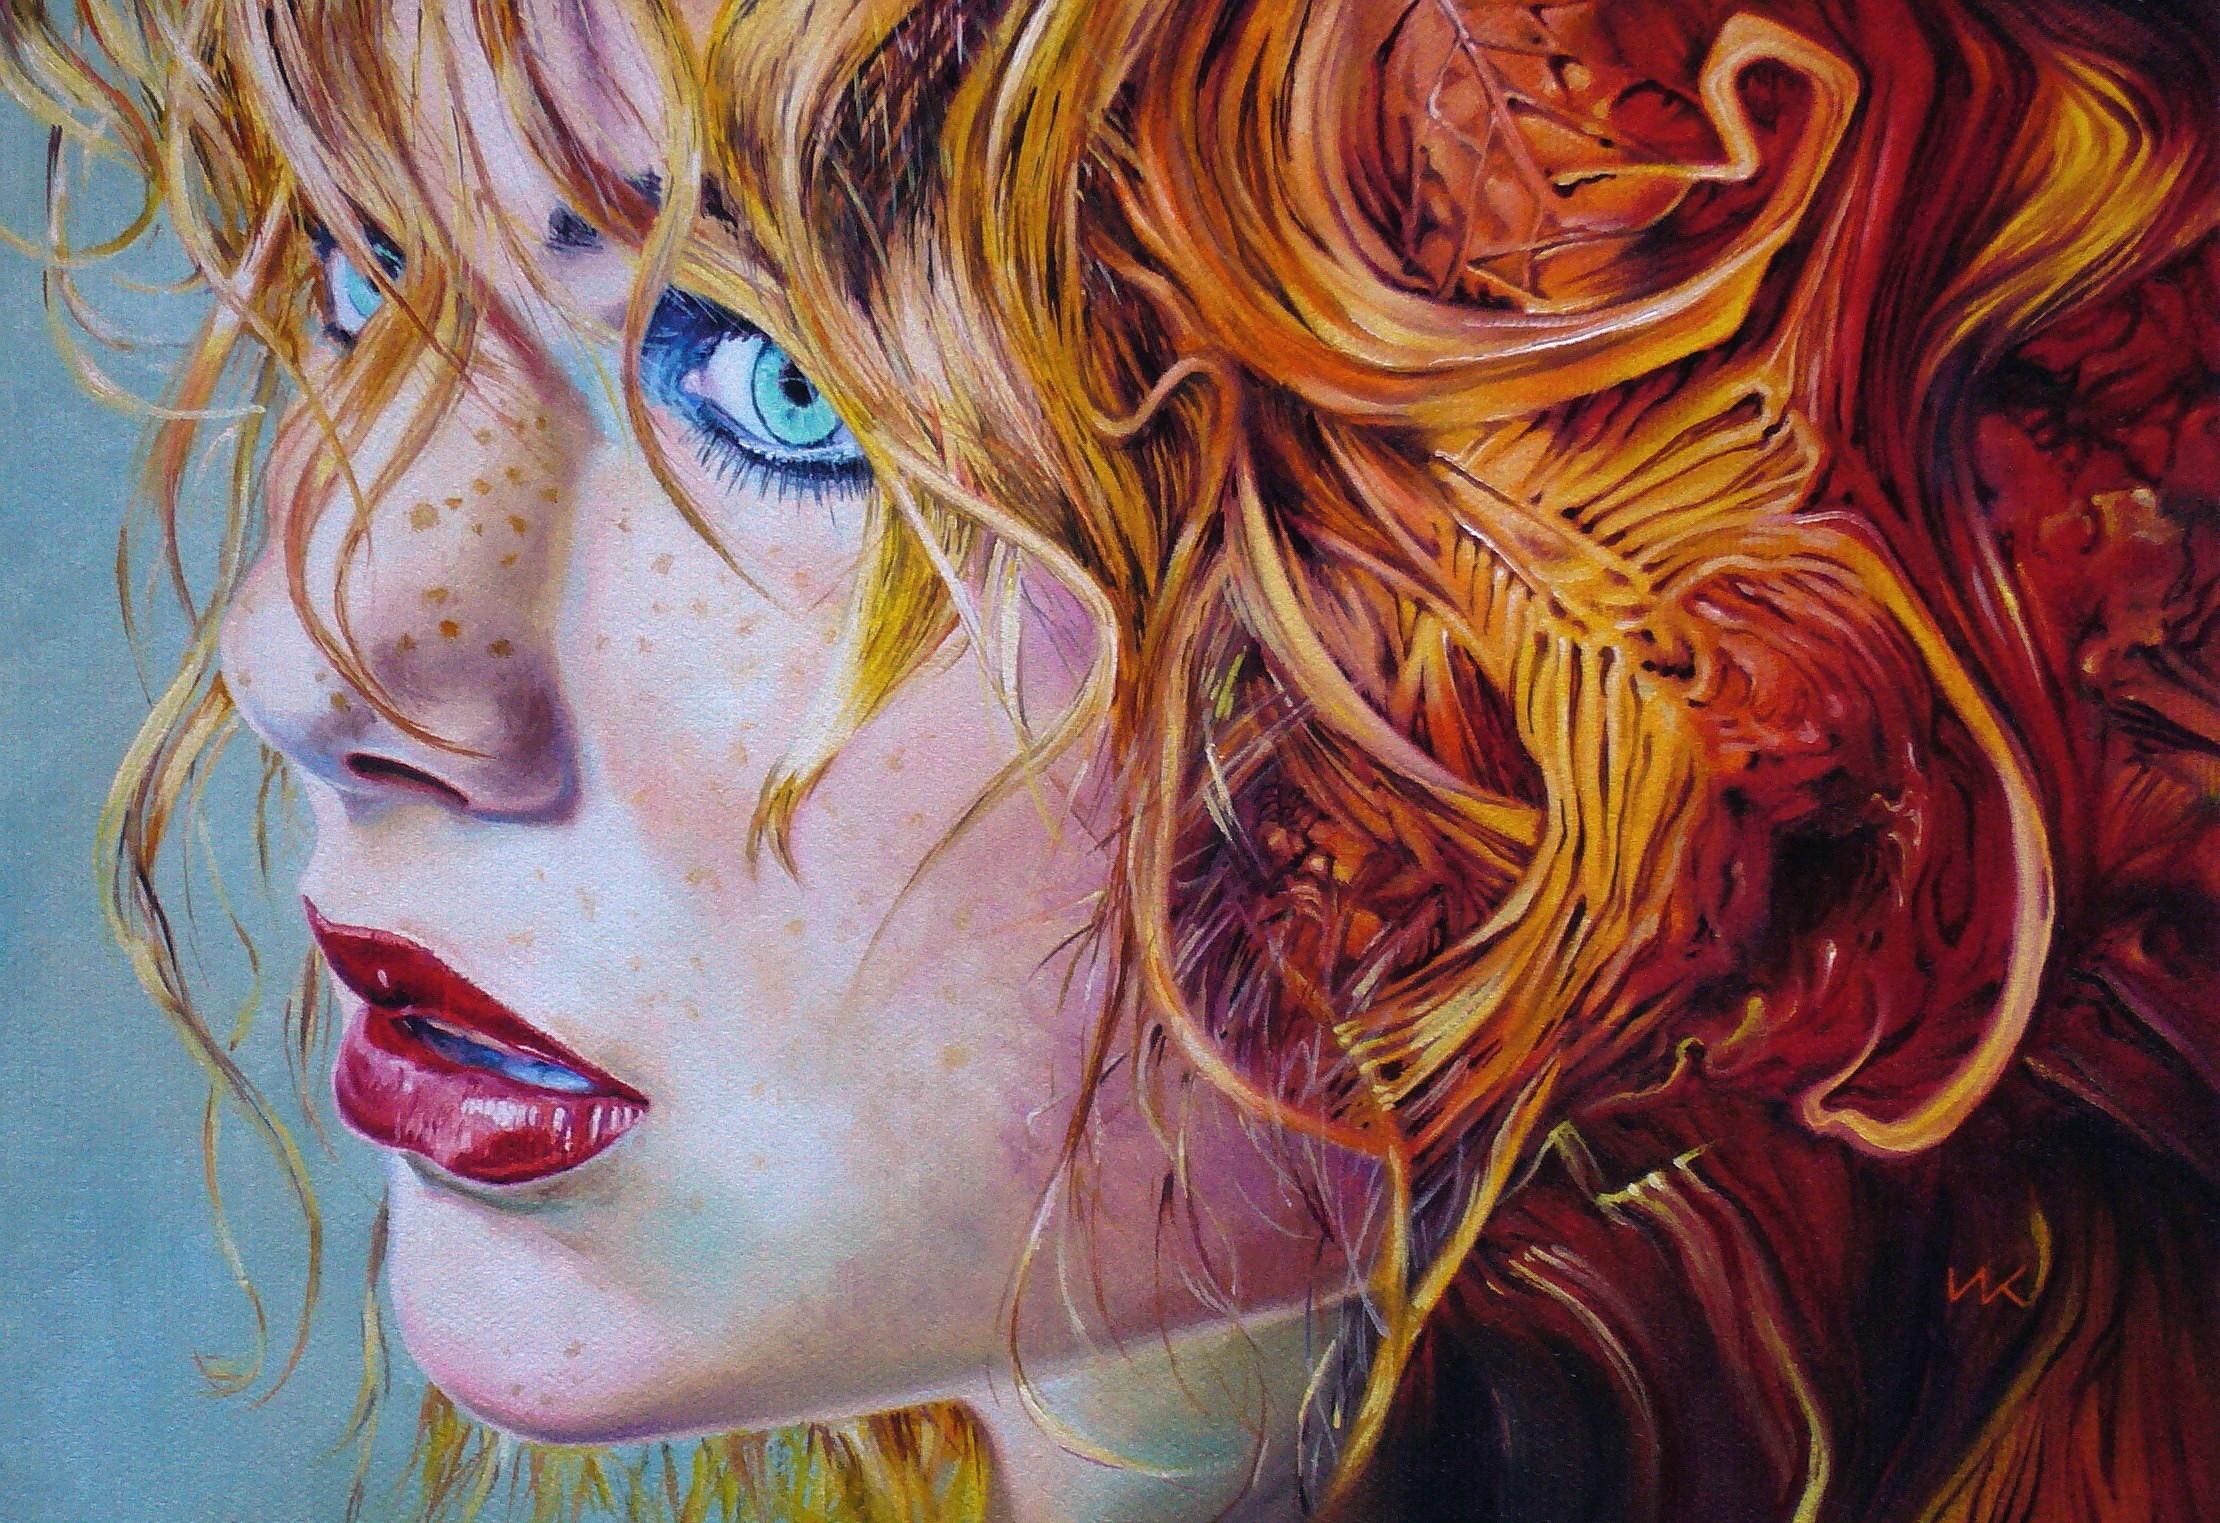 Masaüstü Yüz Boyama Illüstrasyon Kadınlar Kızıl Saçlı Portre